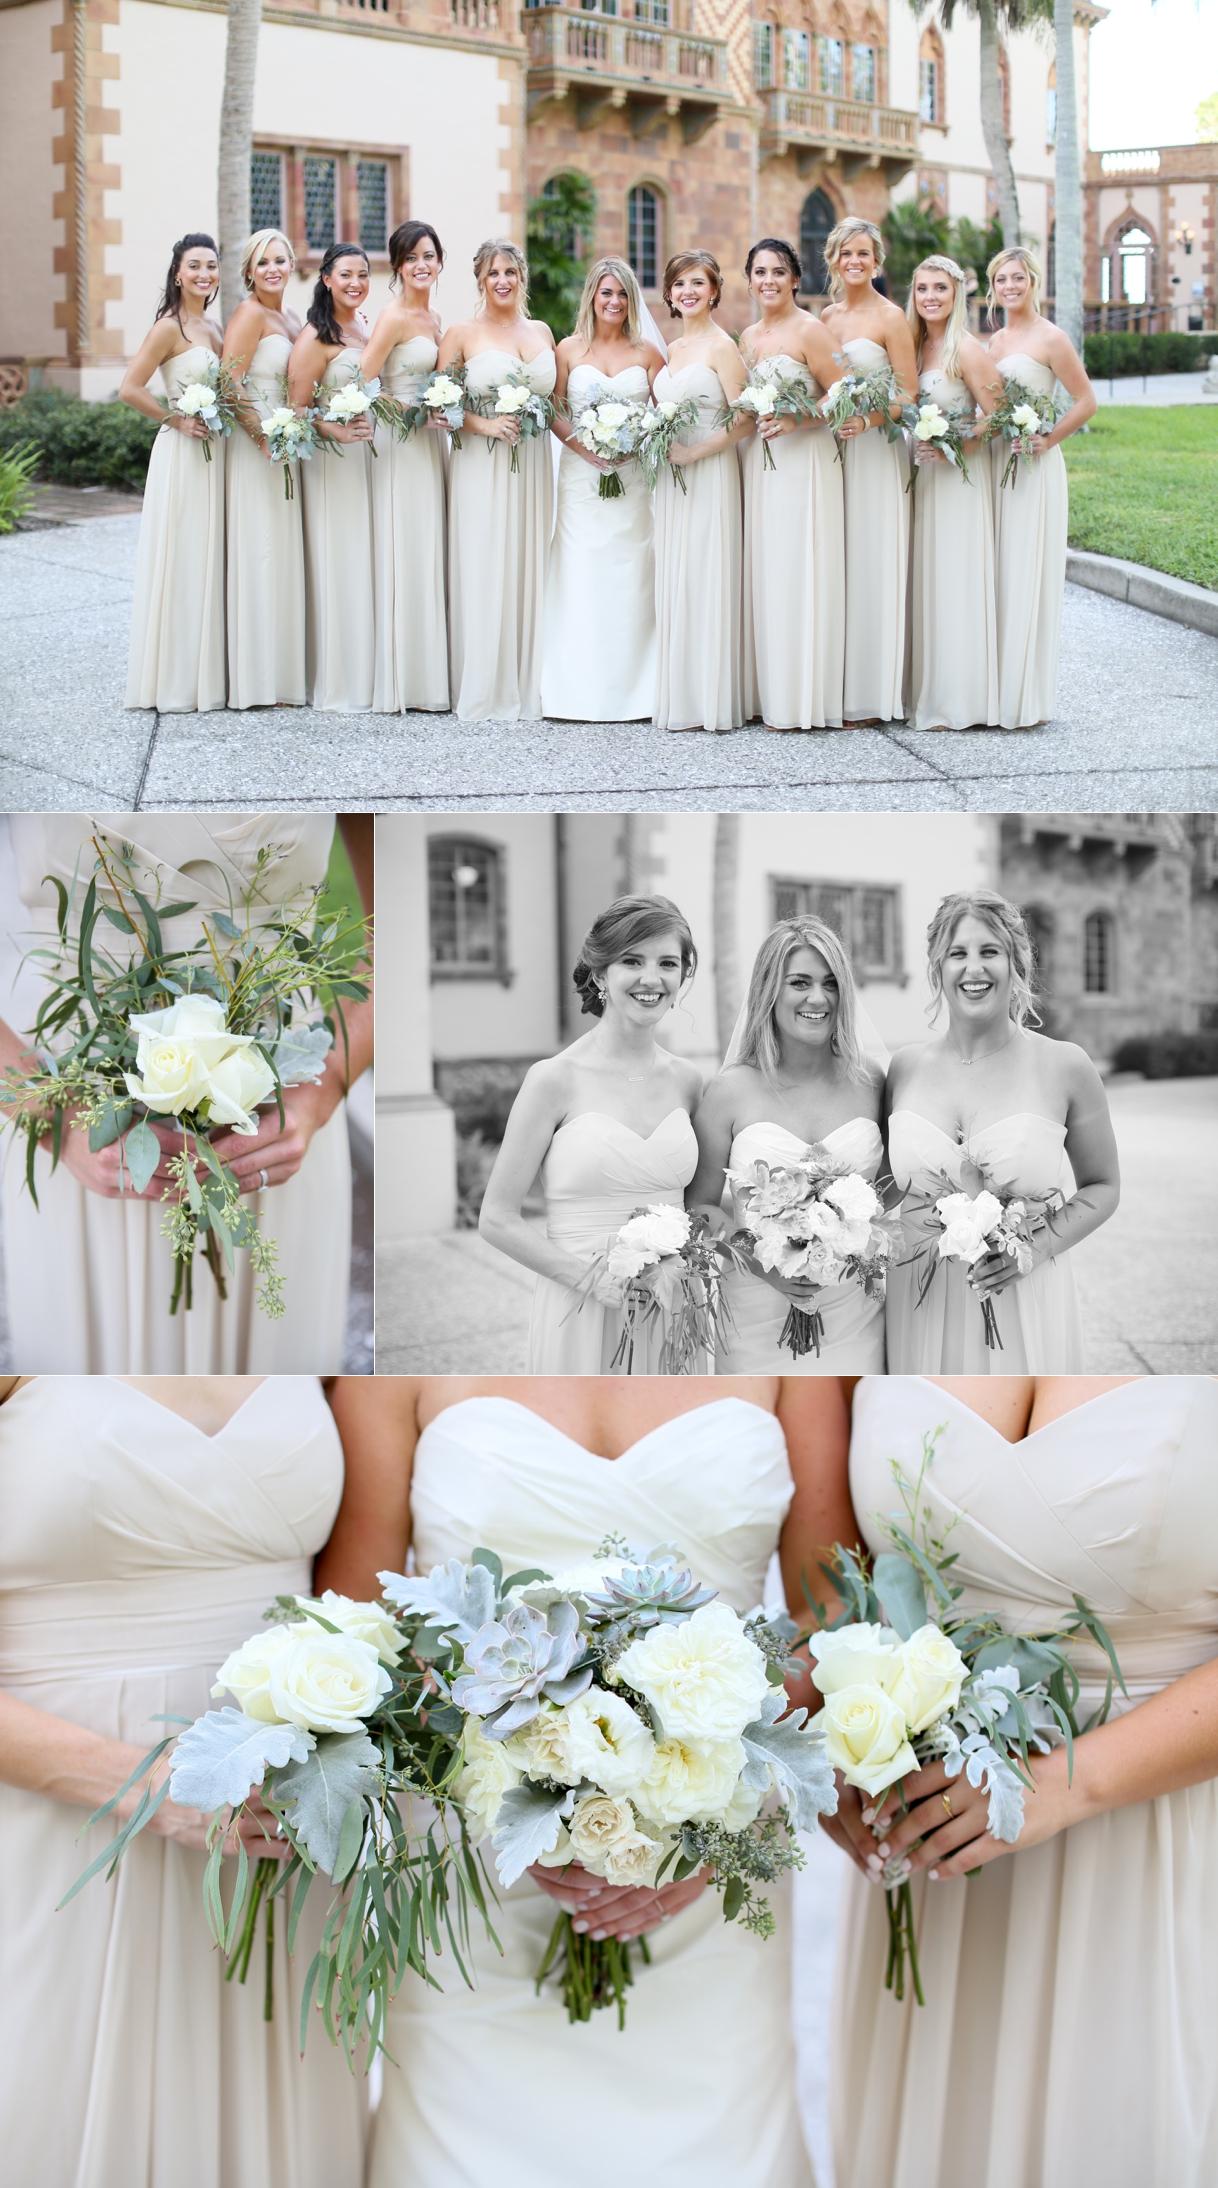 audreysnow-photography-Ringling-ca-dzan-mansion-sarasota-wedding-photographer_4140.jpg